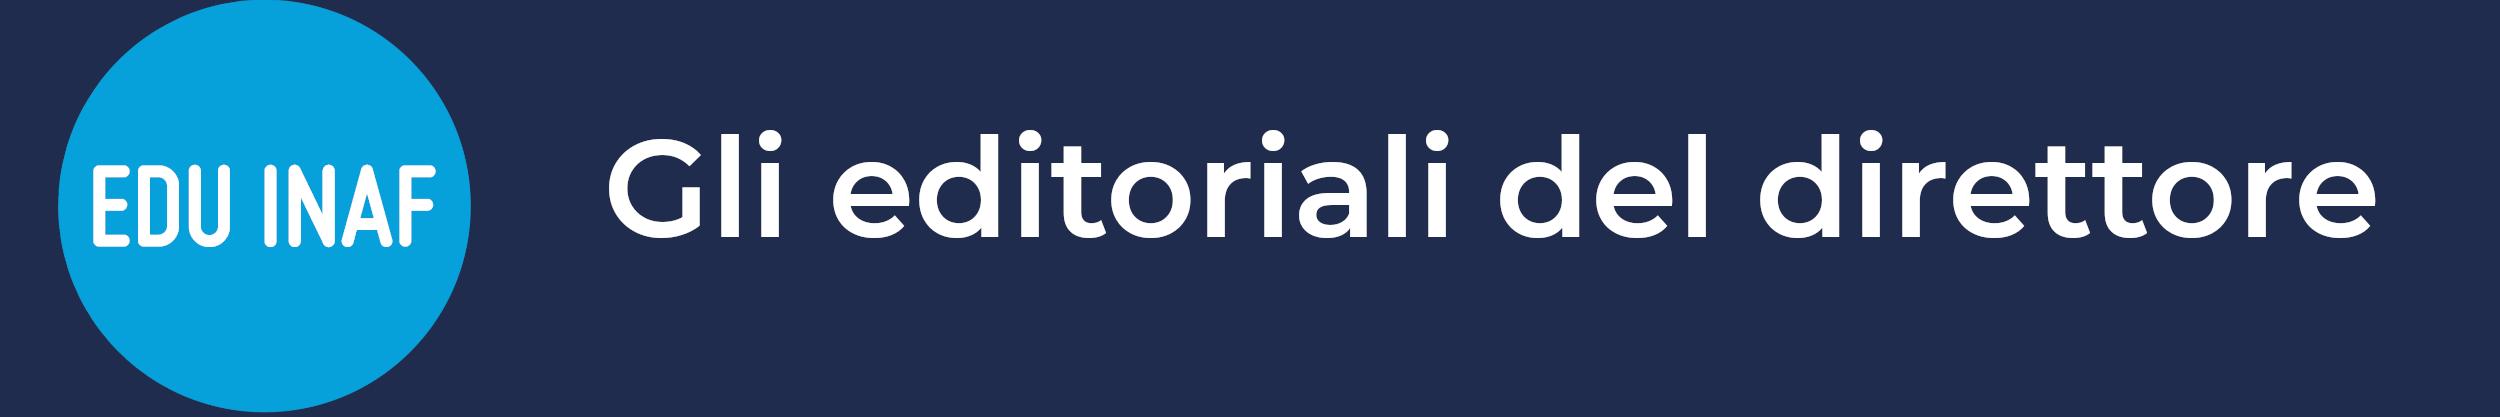 banner_editoriali